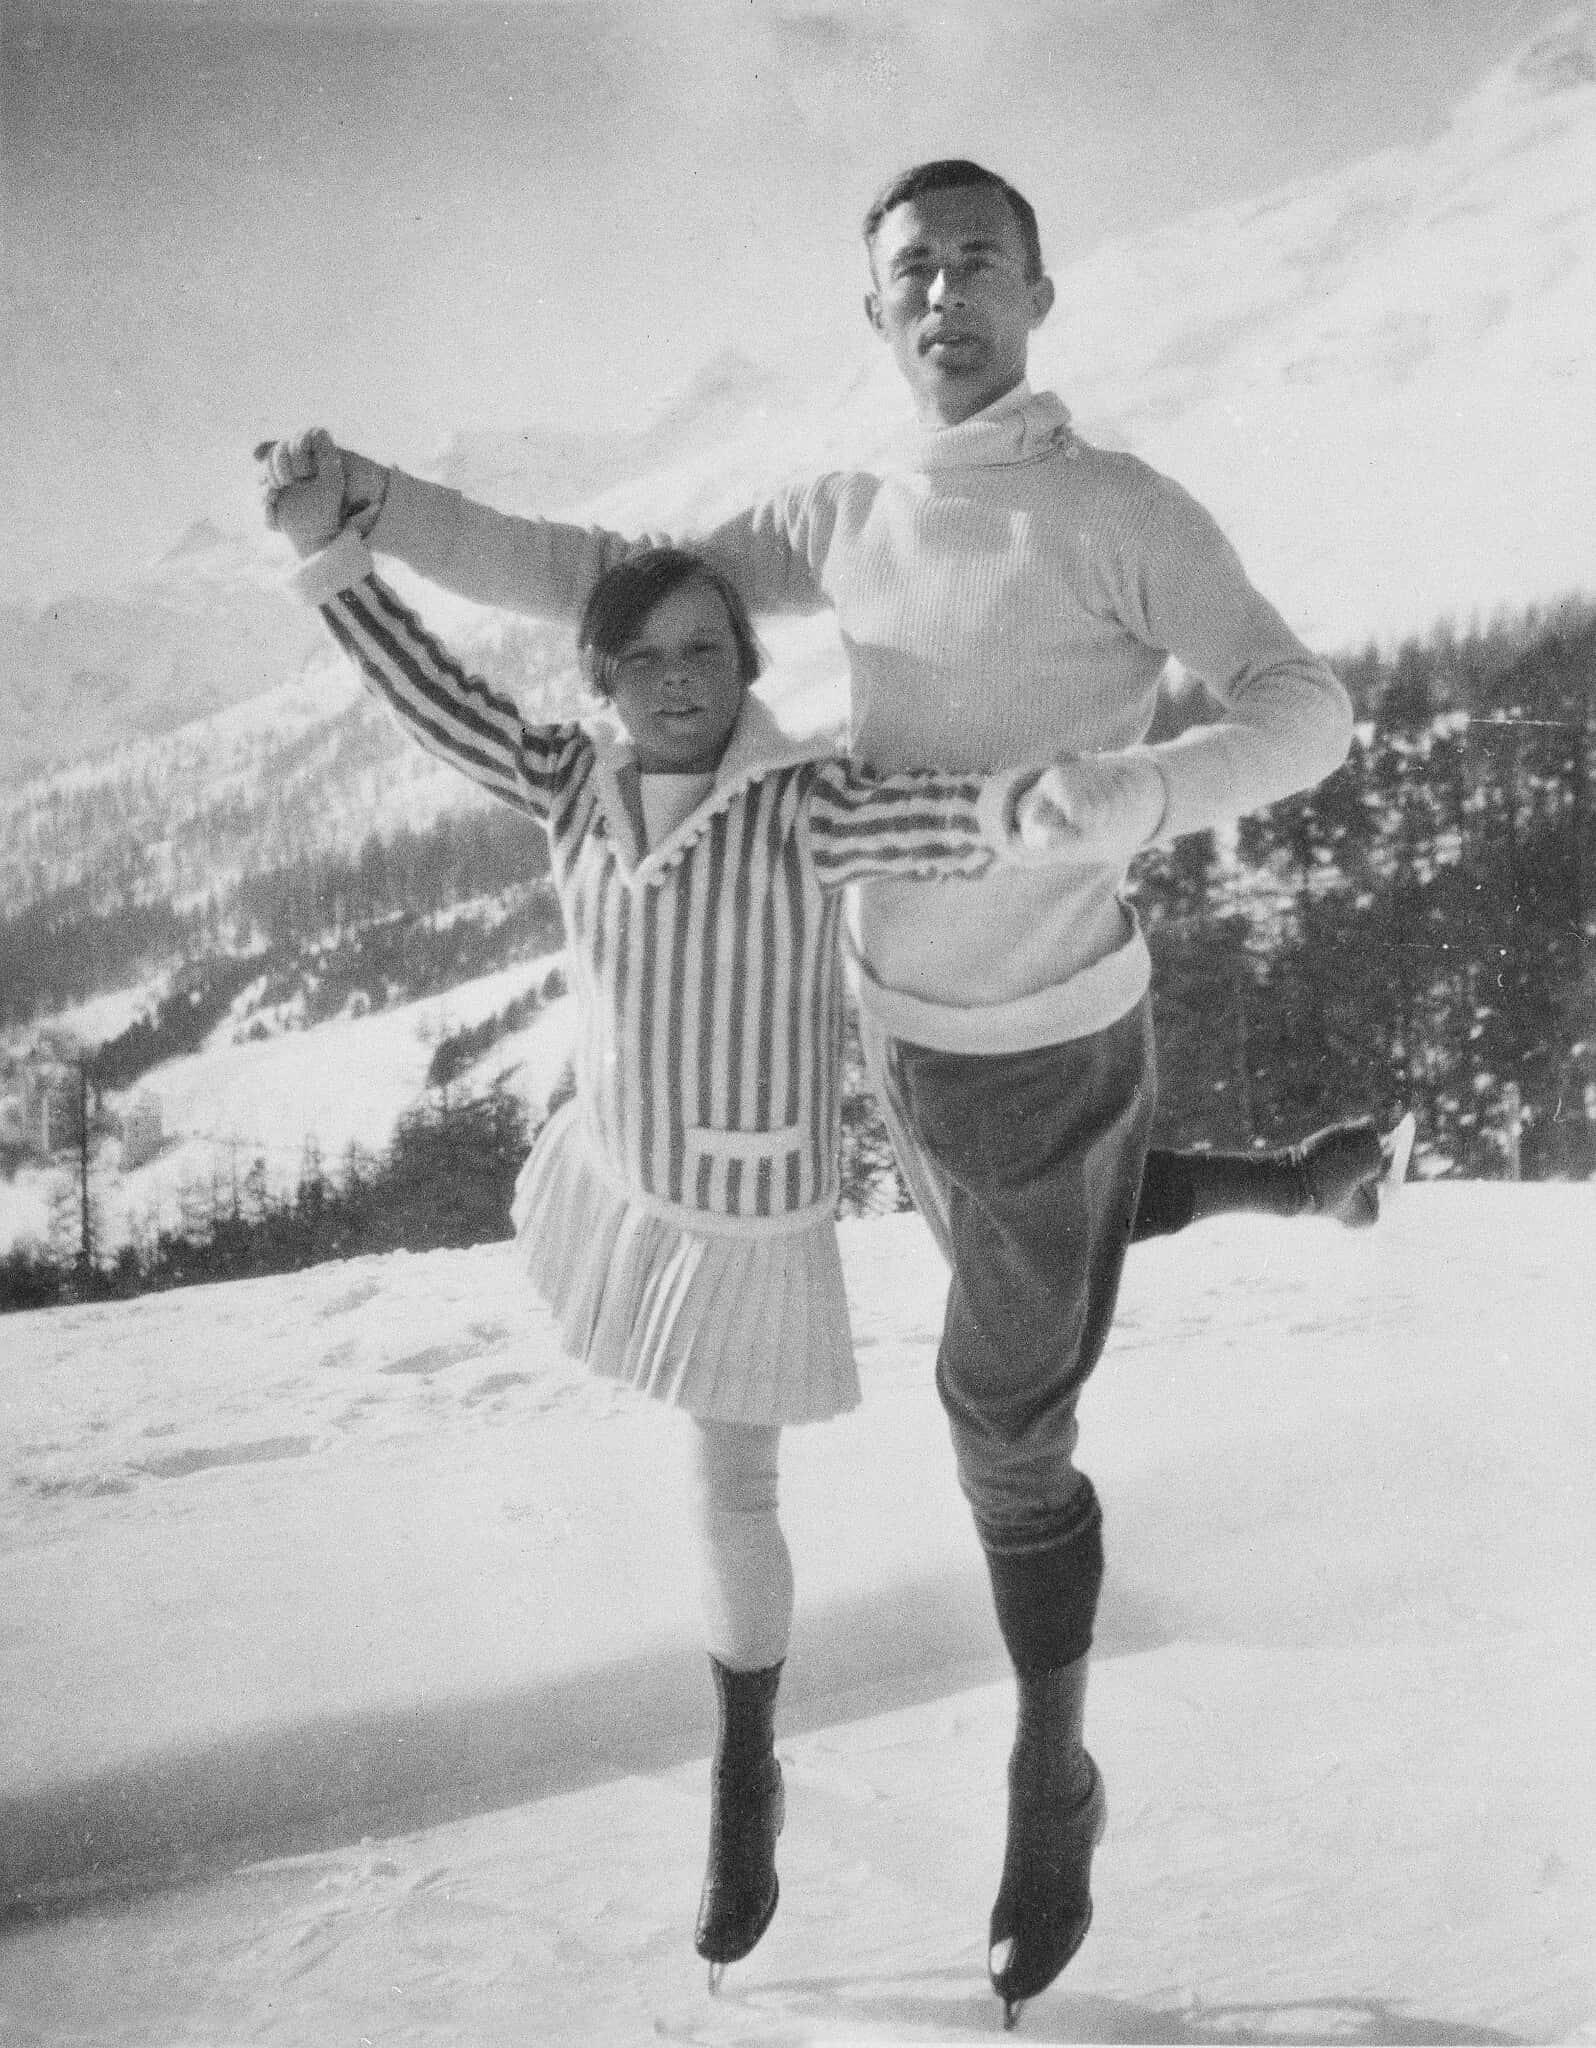 החלקה על הקרח במשחקי החורף בצרפת, 1924 (צילום: AP Photo)